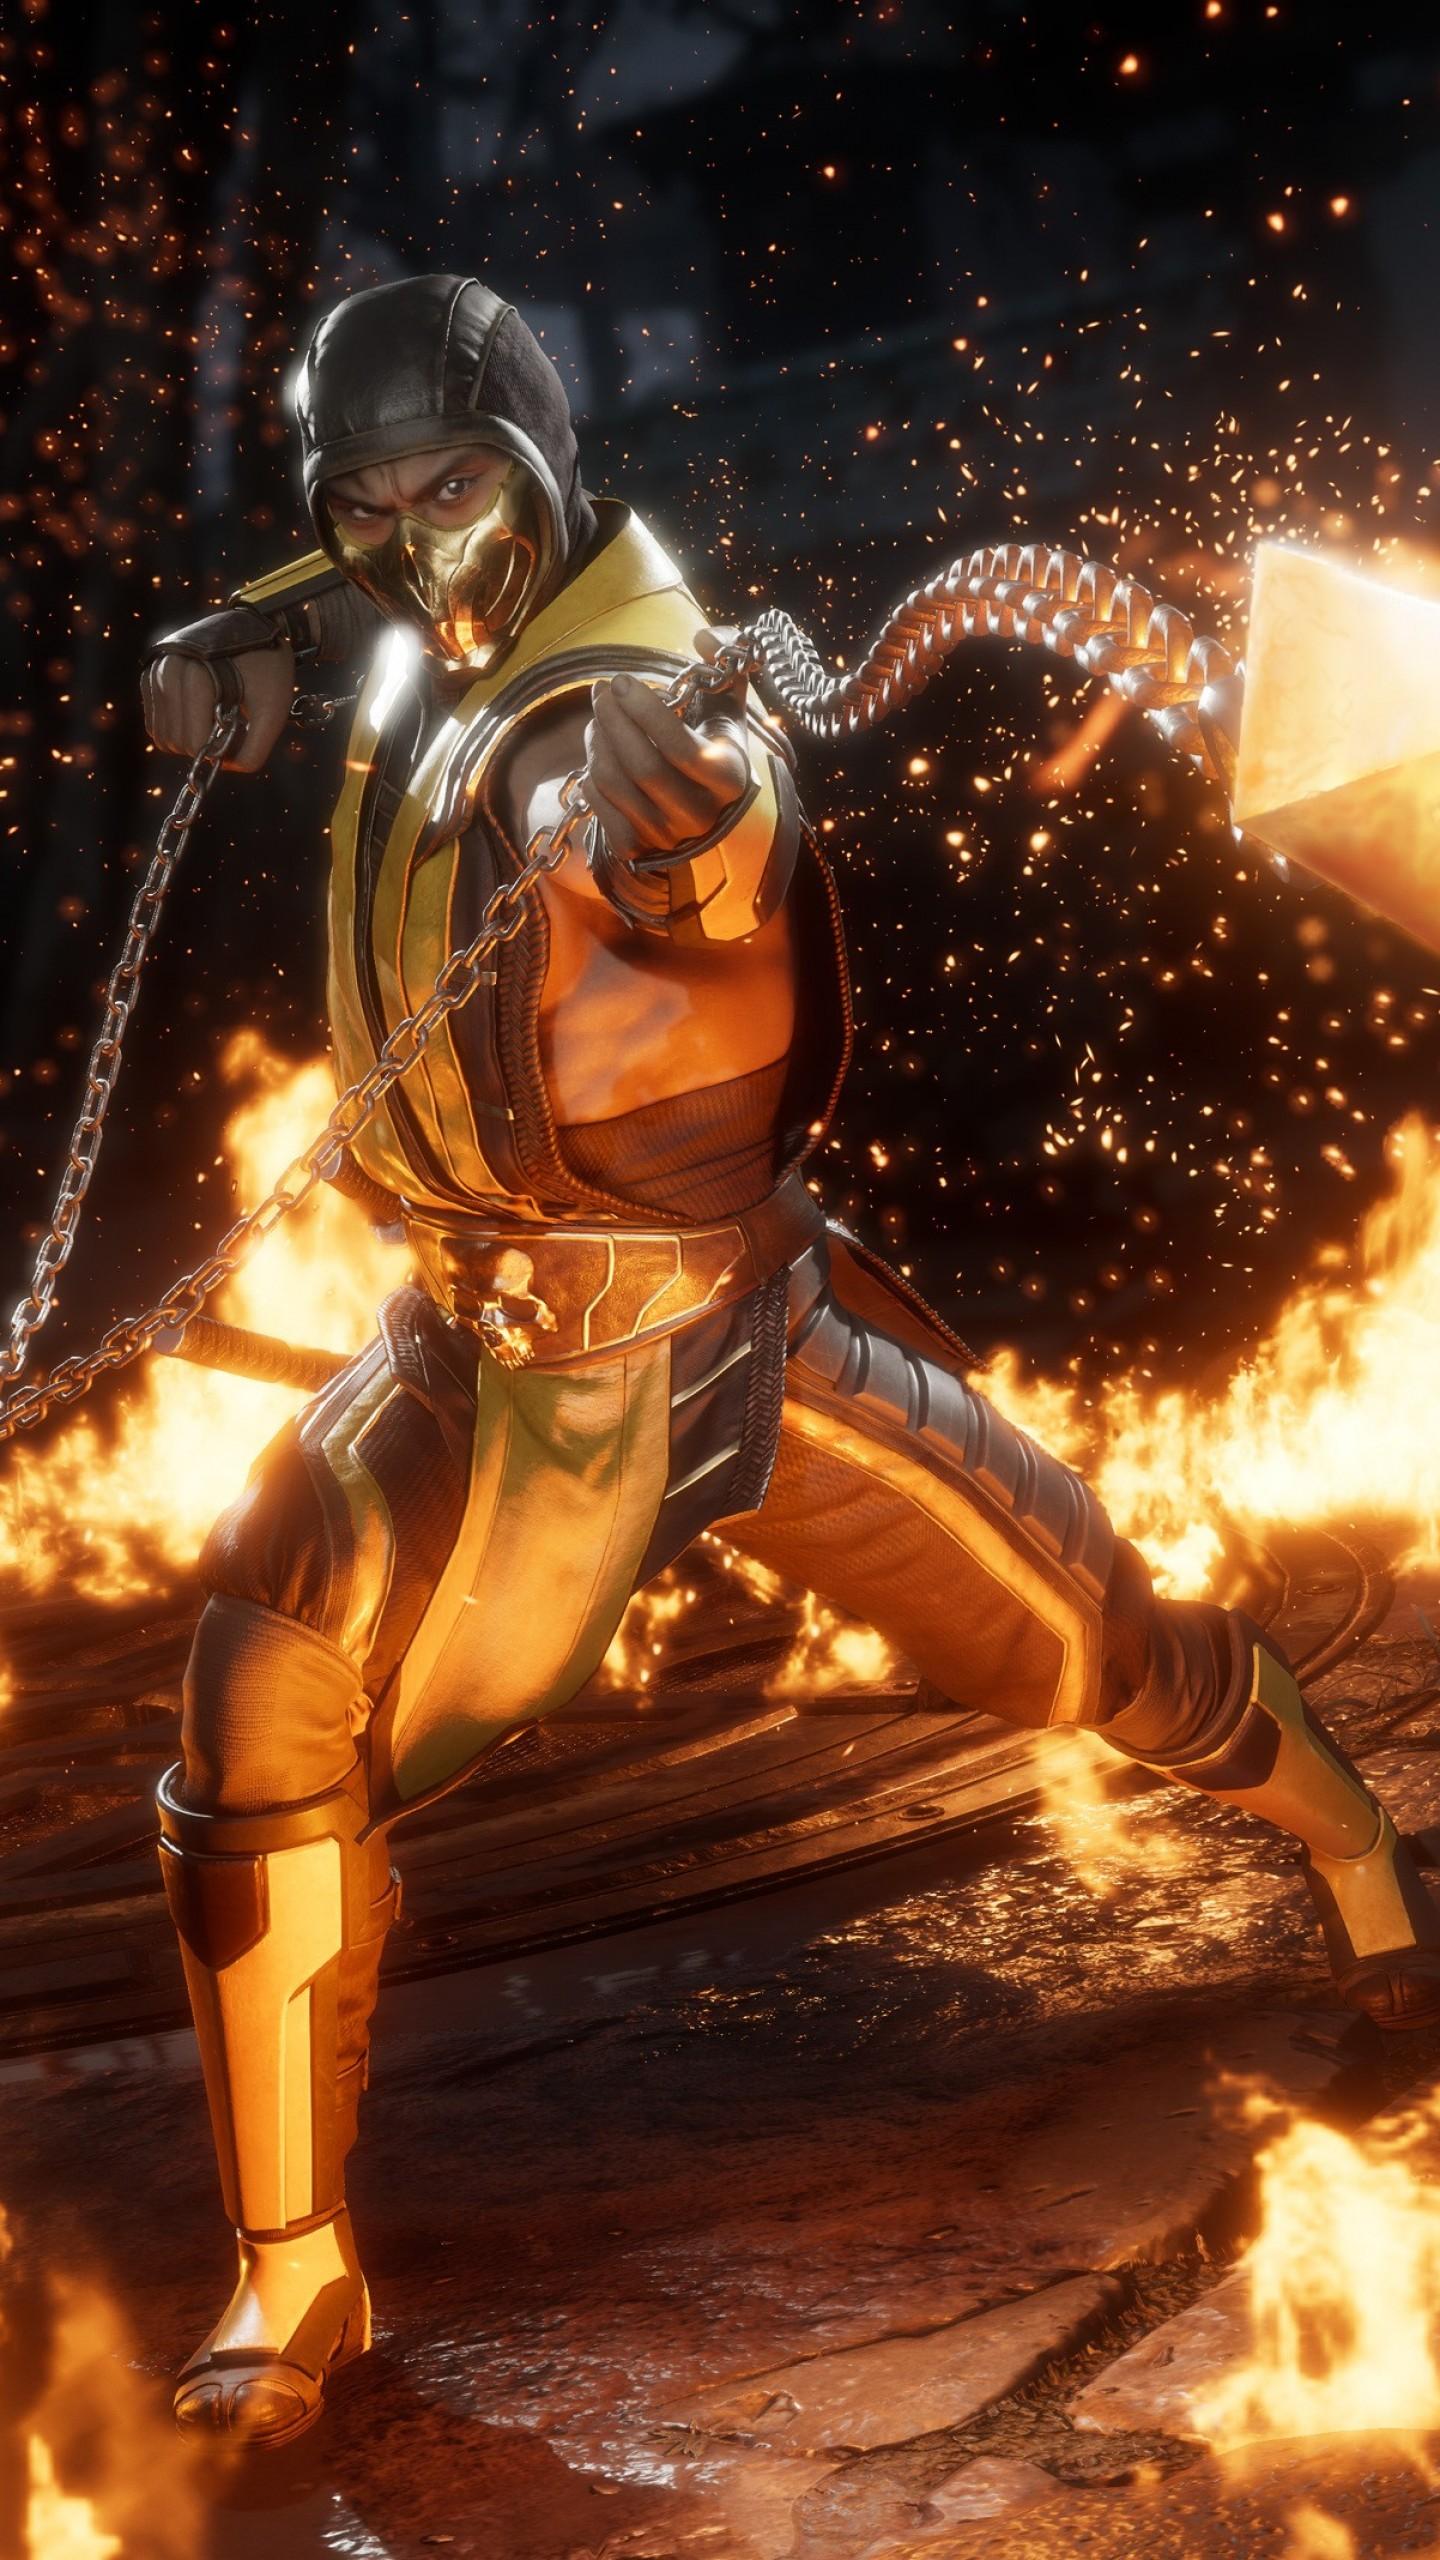 Wallpaper mortal kombat 11 screenshot 4k games 21014 - Mortal kombat 11 wallpaper ...